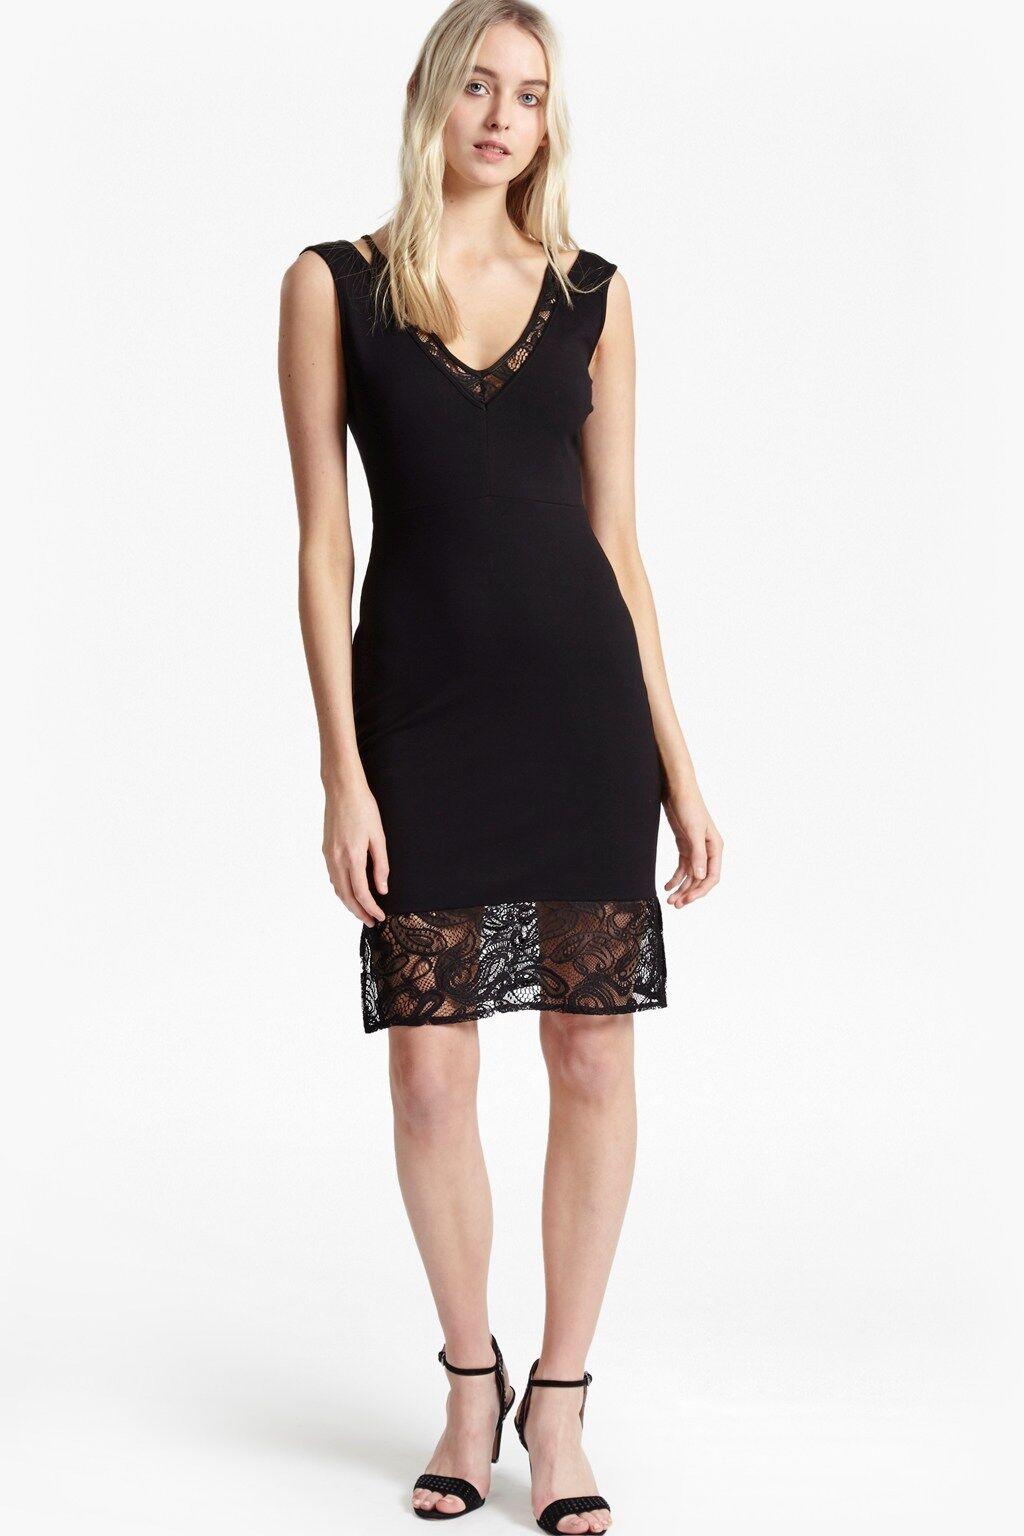 5e81f6868cdd French Connection Tatlin Body-Con Dress--Size 12 NWT Beau nffbfq1400 ...